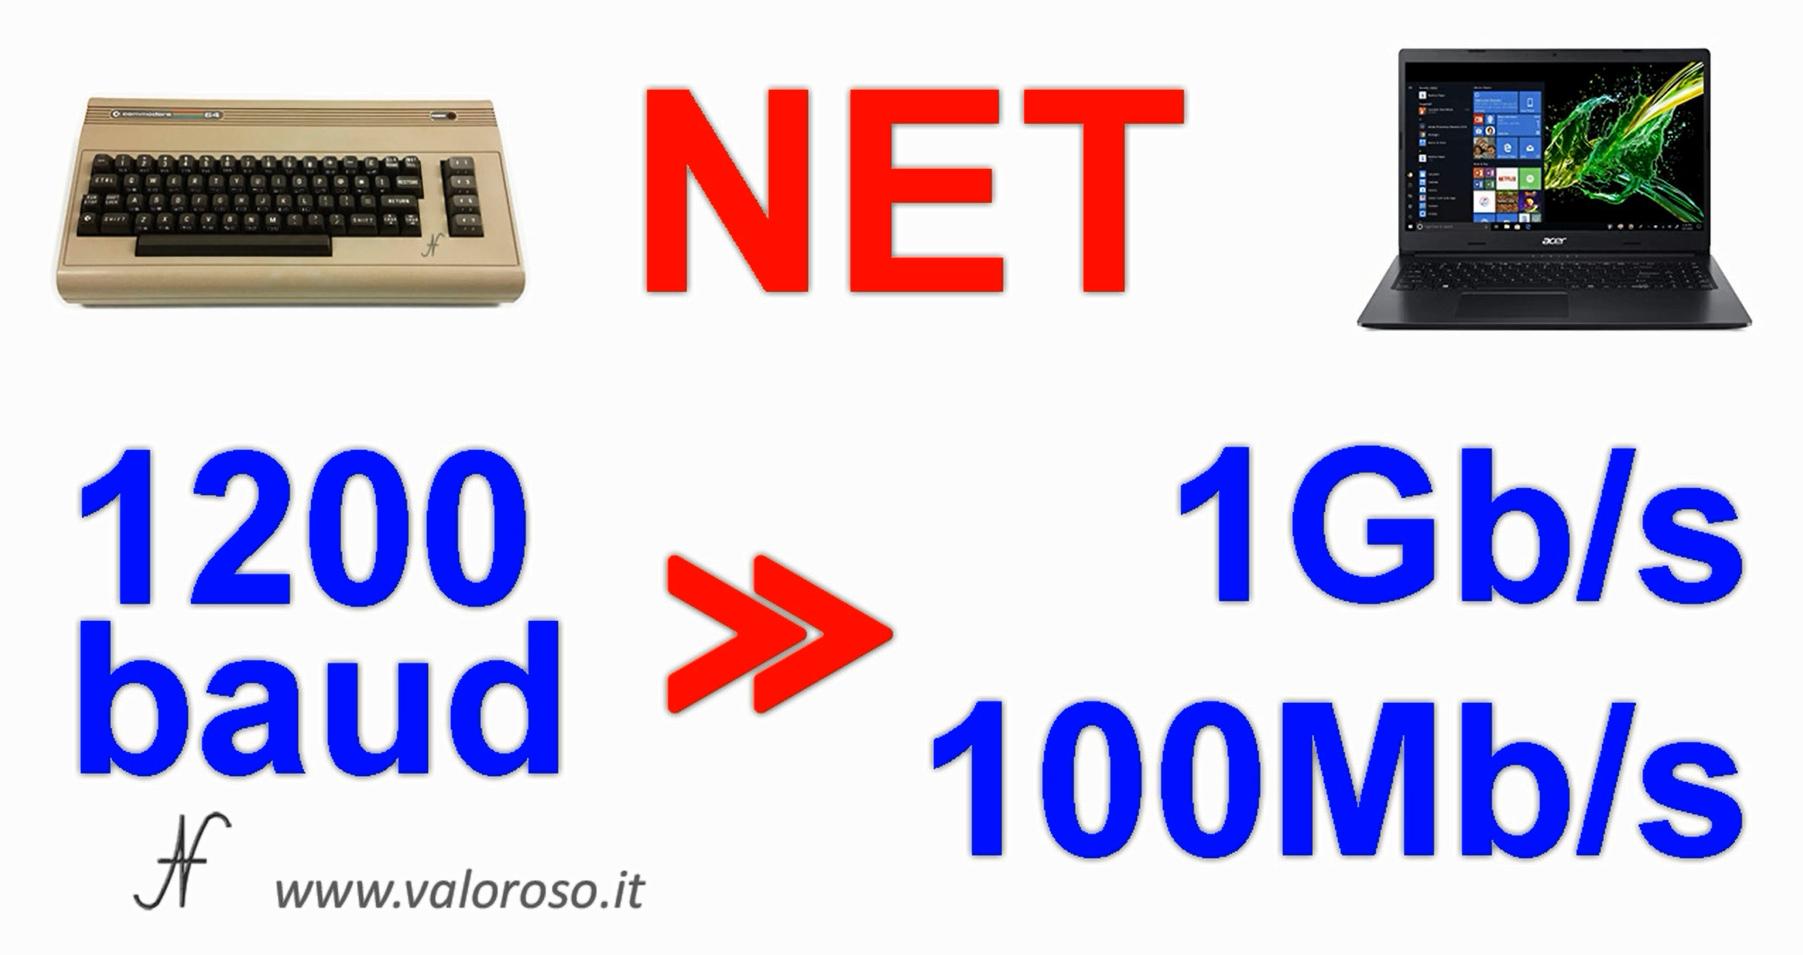 Commodore Vs PC moderno, paragone velocità modem, internet, trasferimento dati, baud, bit al secondo